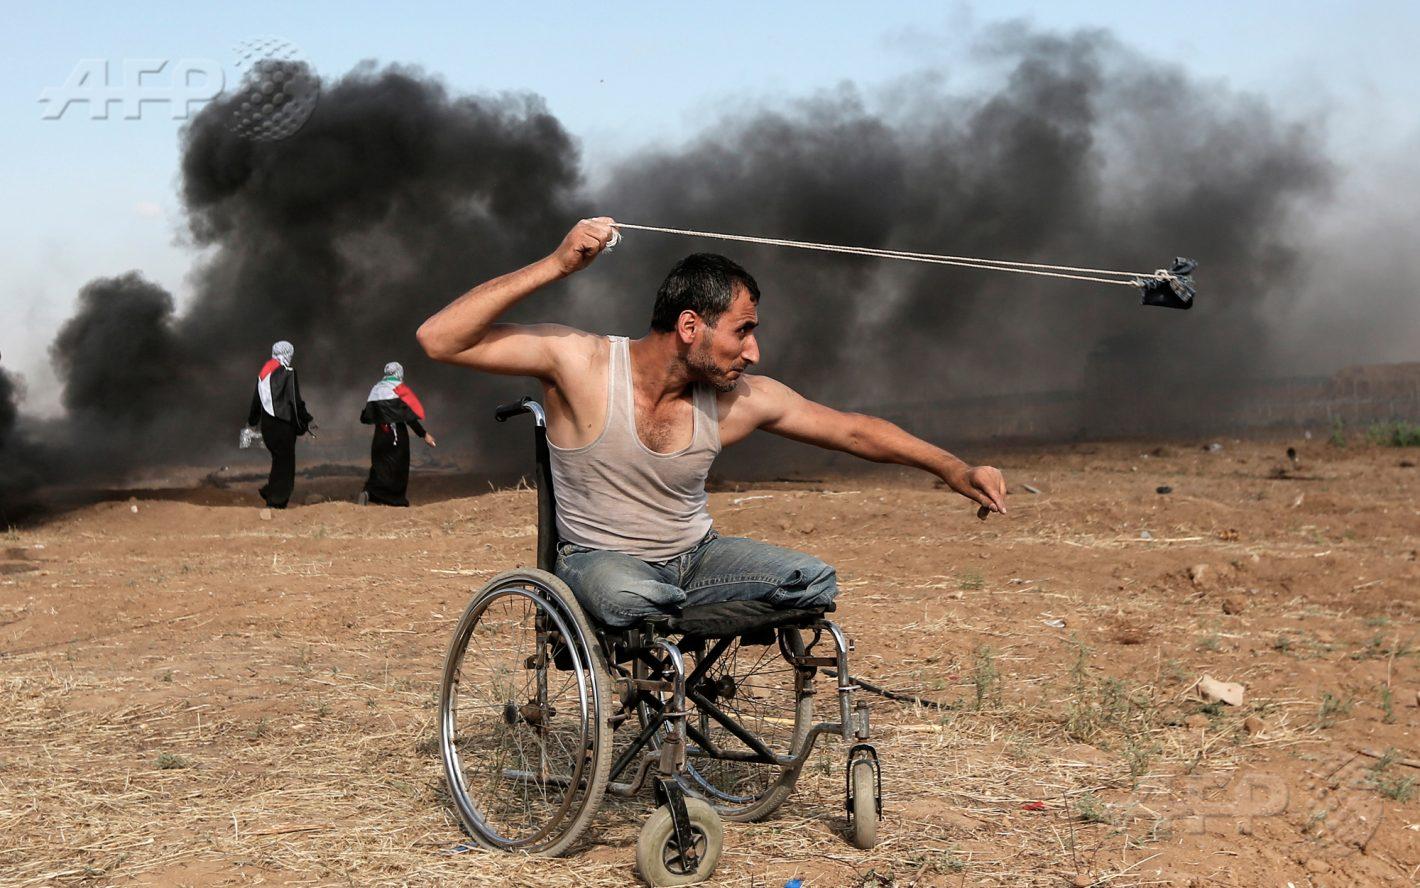 11 mai 2018 – bande de Gaza - Le Palestinien Saber al-Ashkar, 29 ans, lance des pierres durant des affrontements avec les forces israéliennes le long de la frontière, à l'est de la ville de Gaza AFP PHOTO / MAHMUD HAMS